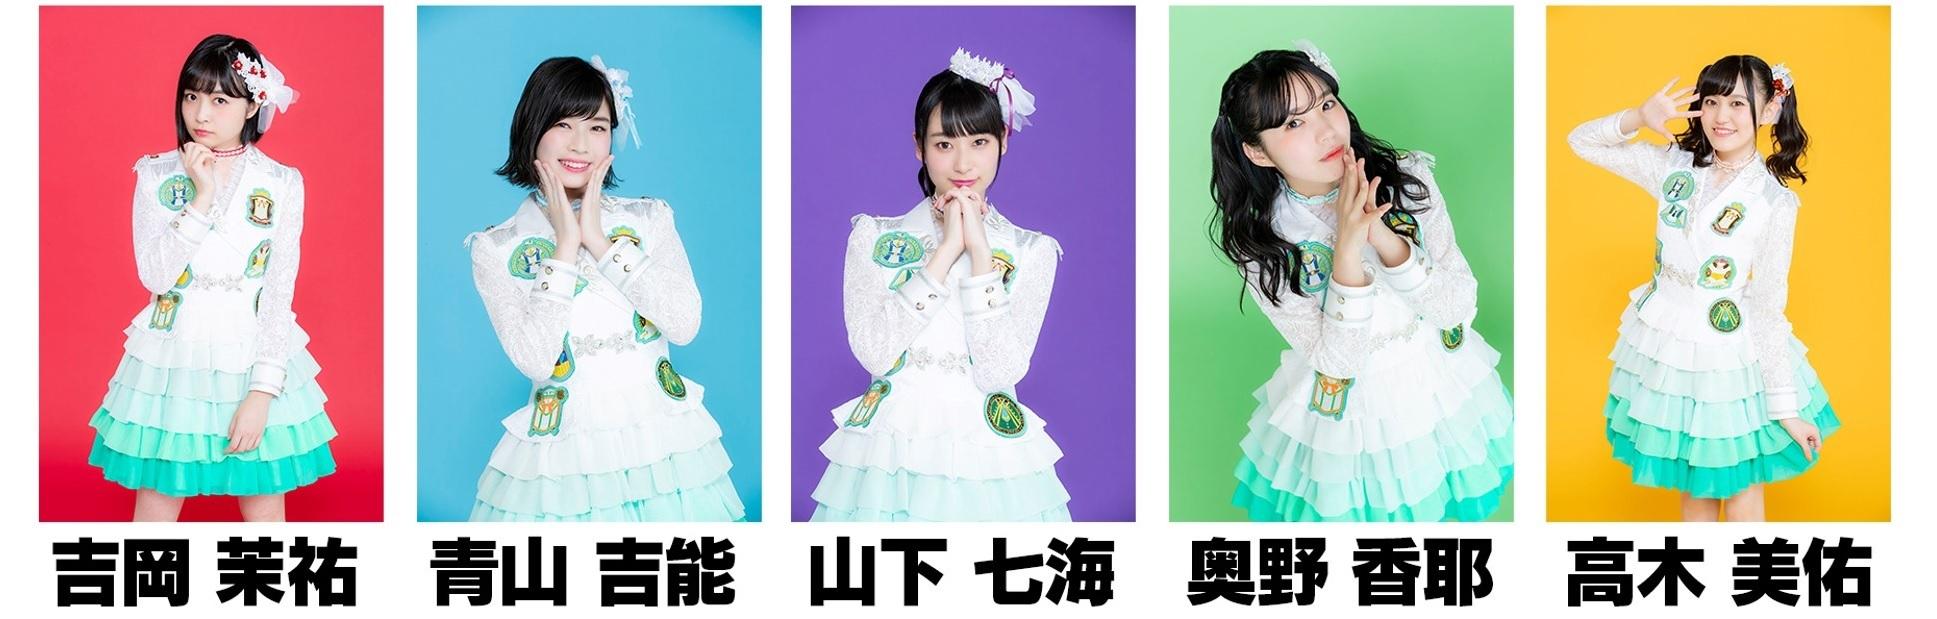 ゲストのWake Up, Girls!のメンバー。吉岡茉祐、青山吉能、山下七海、奥野香耶、高木美佑の5人